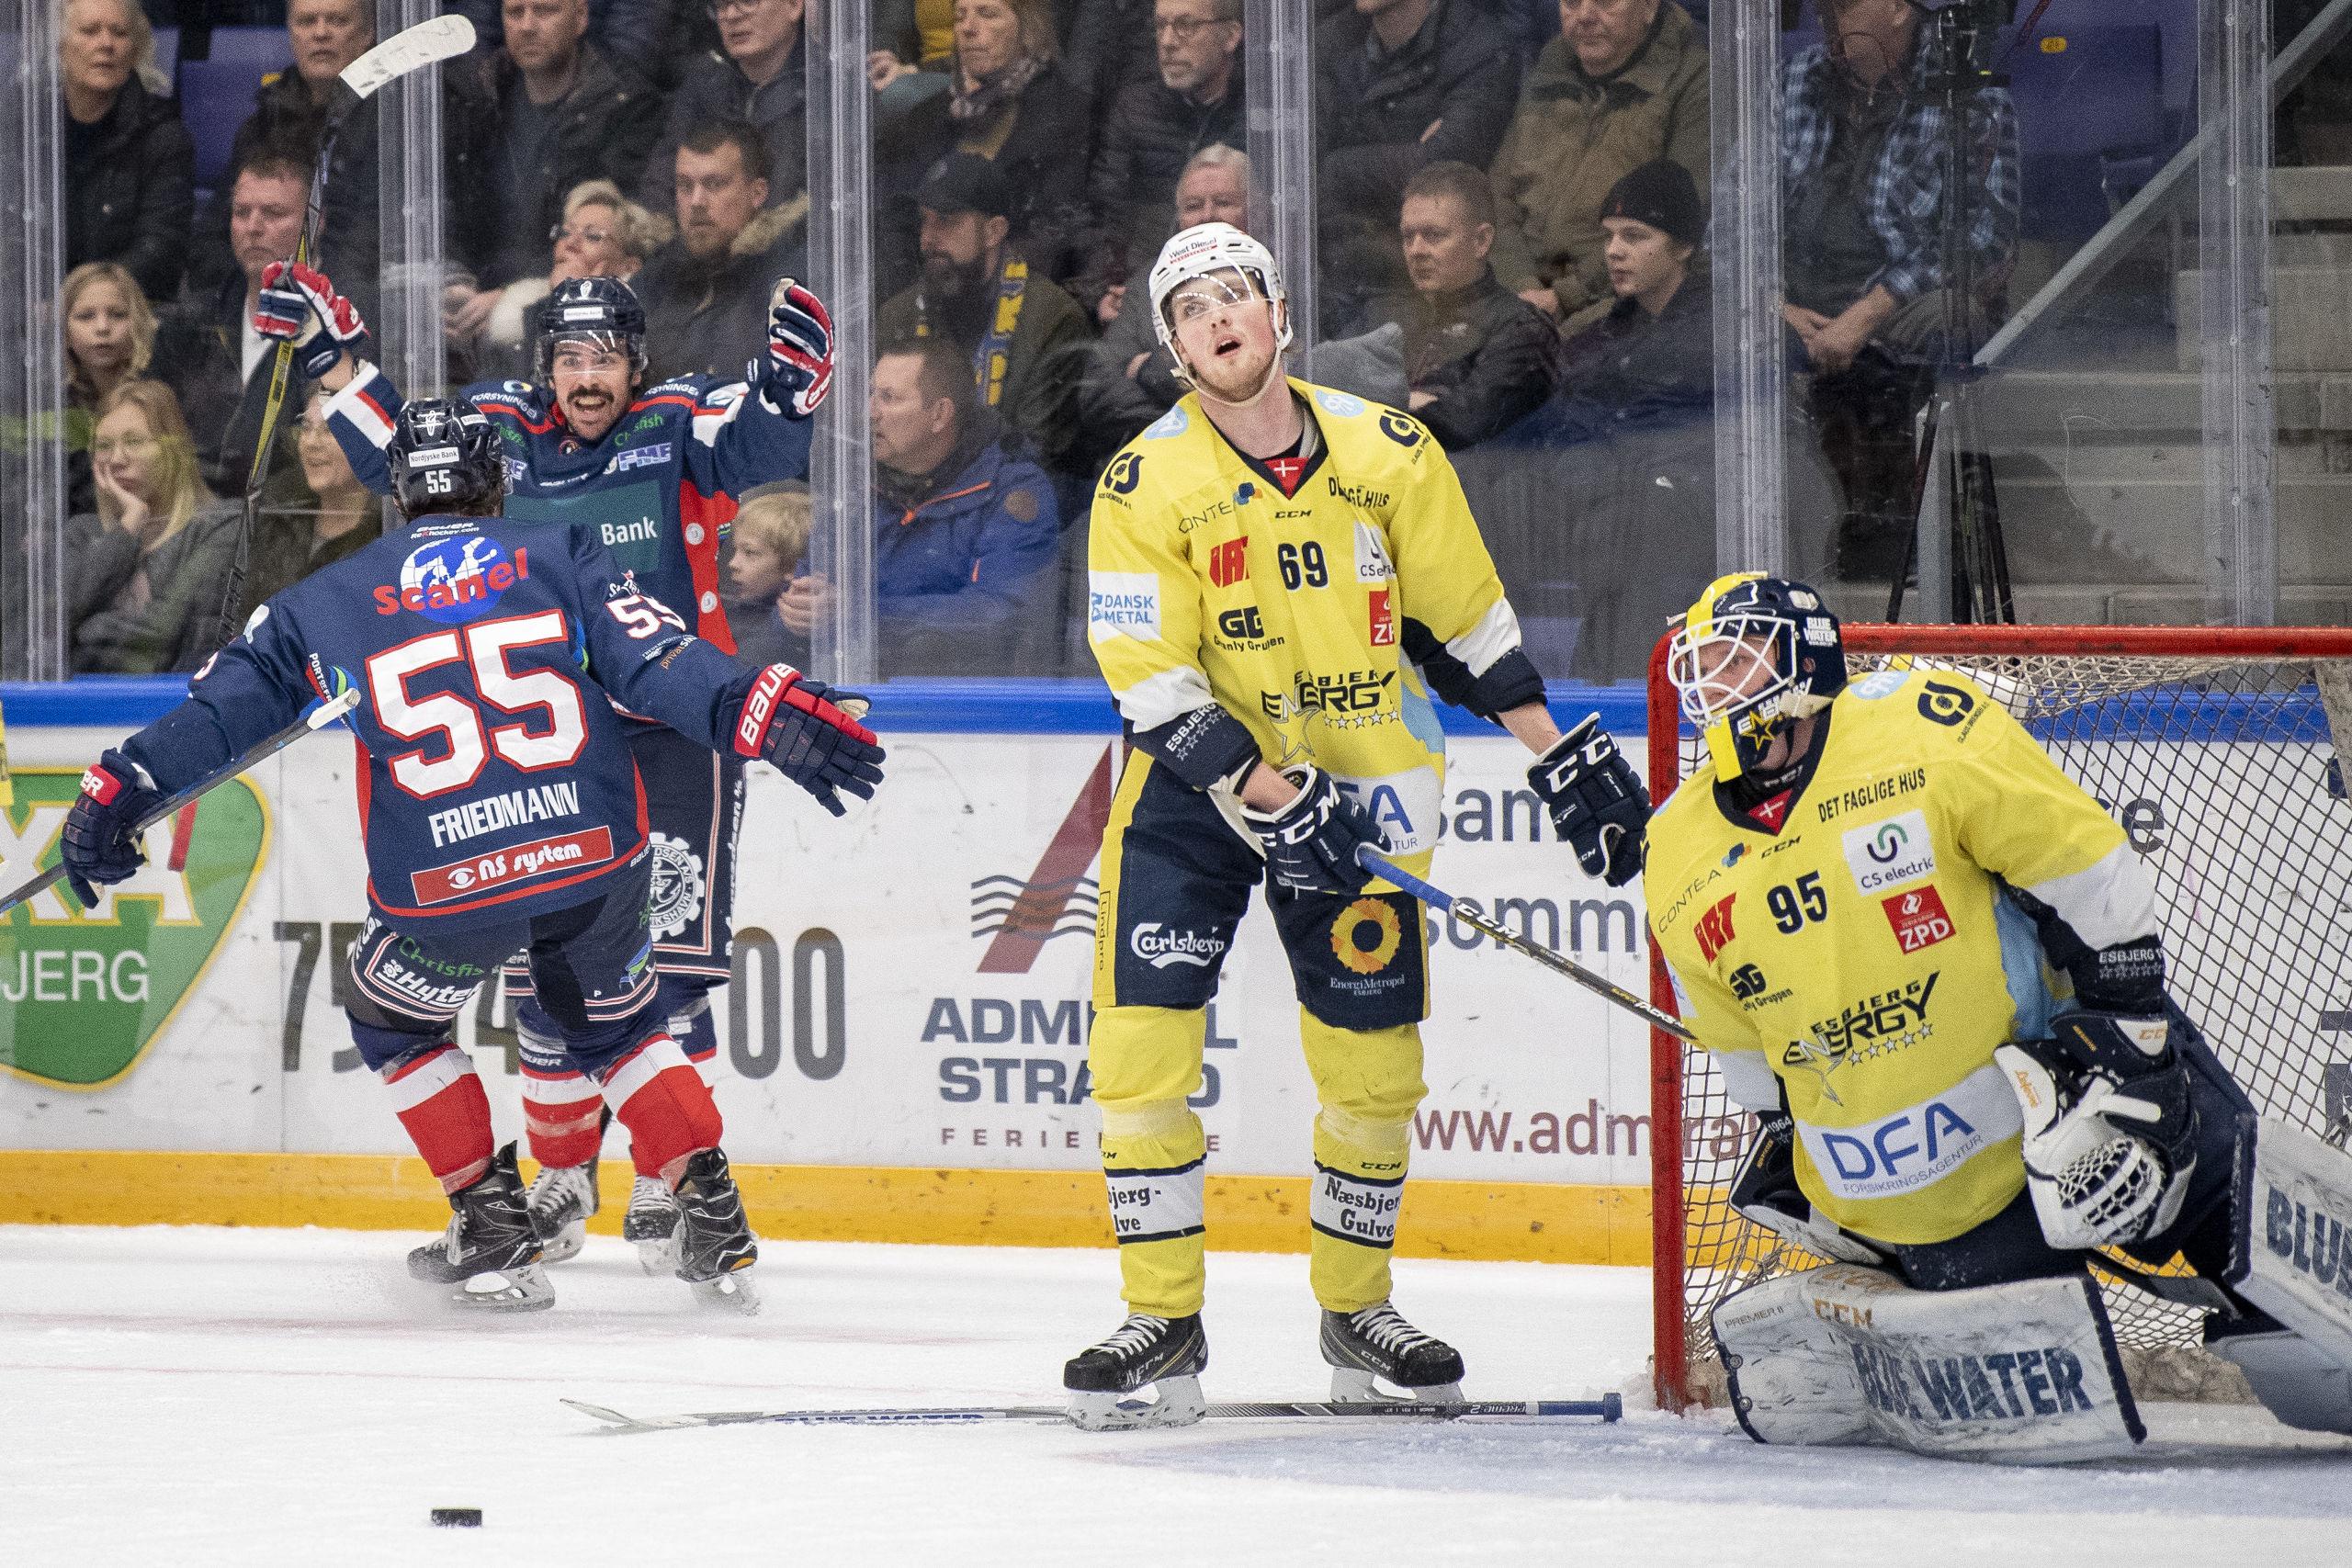 Med ryggen mod muren: Frederikshavn fremtvinger afgørende ishockeyslag